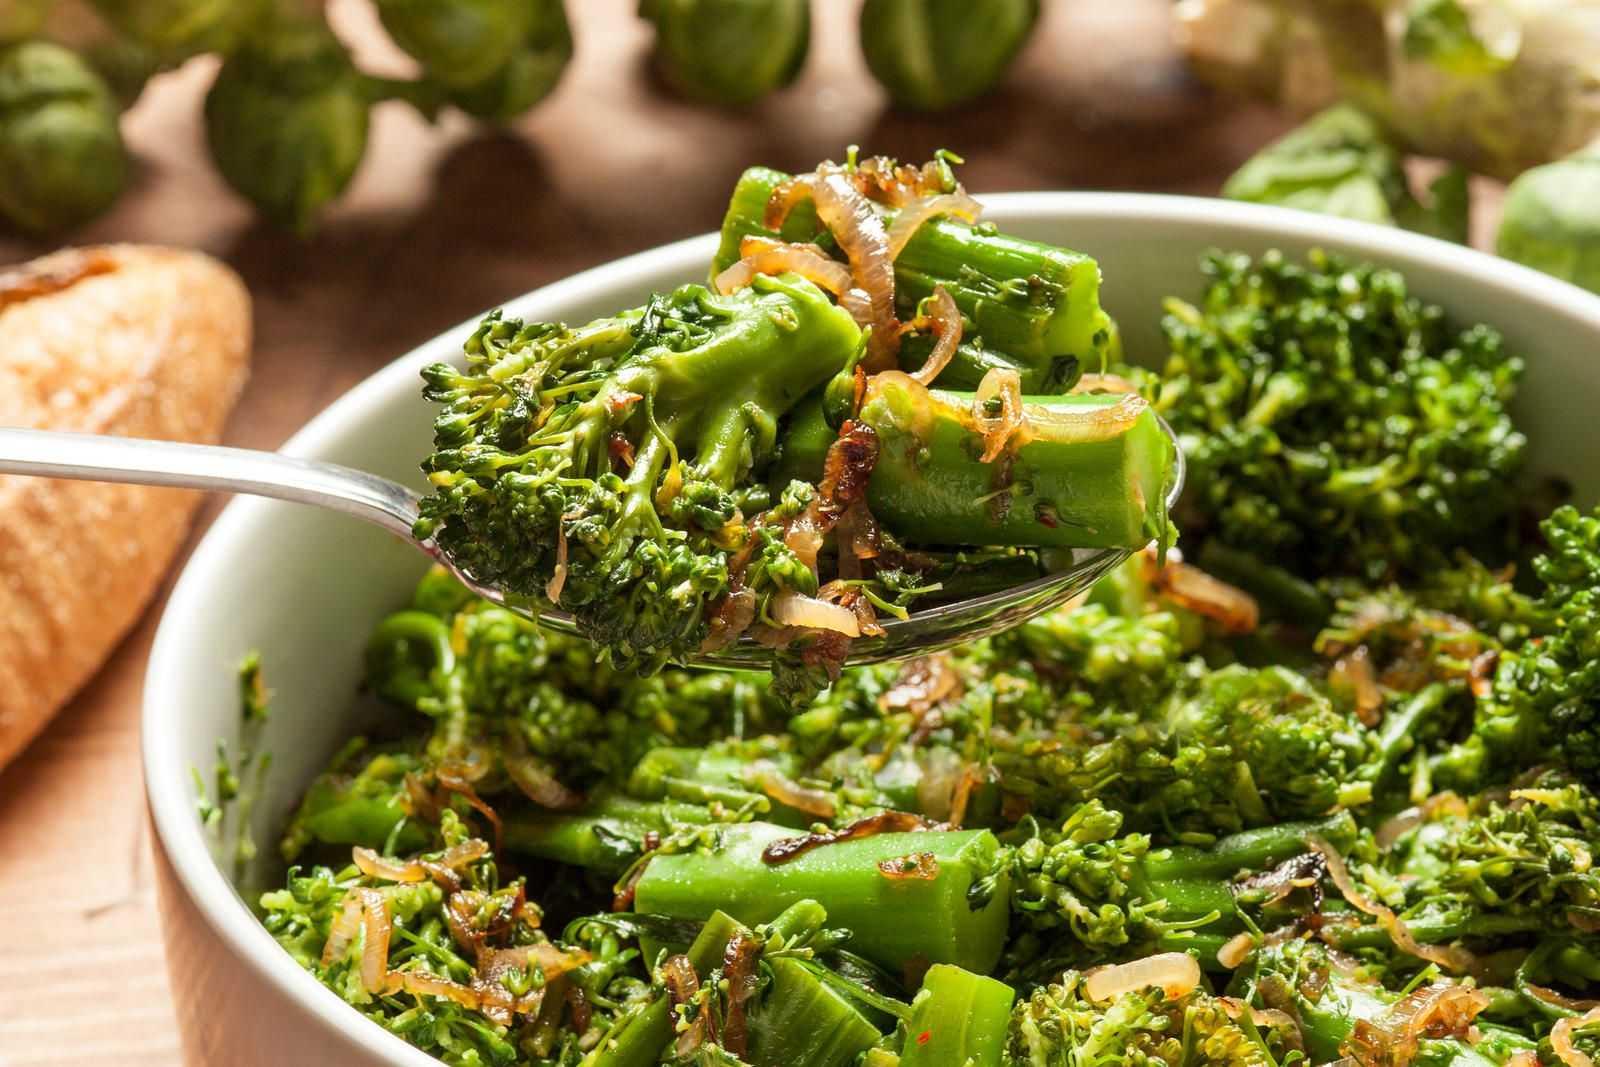 блюда из брокколи рецепты с фото пошагово здоровья больших